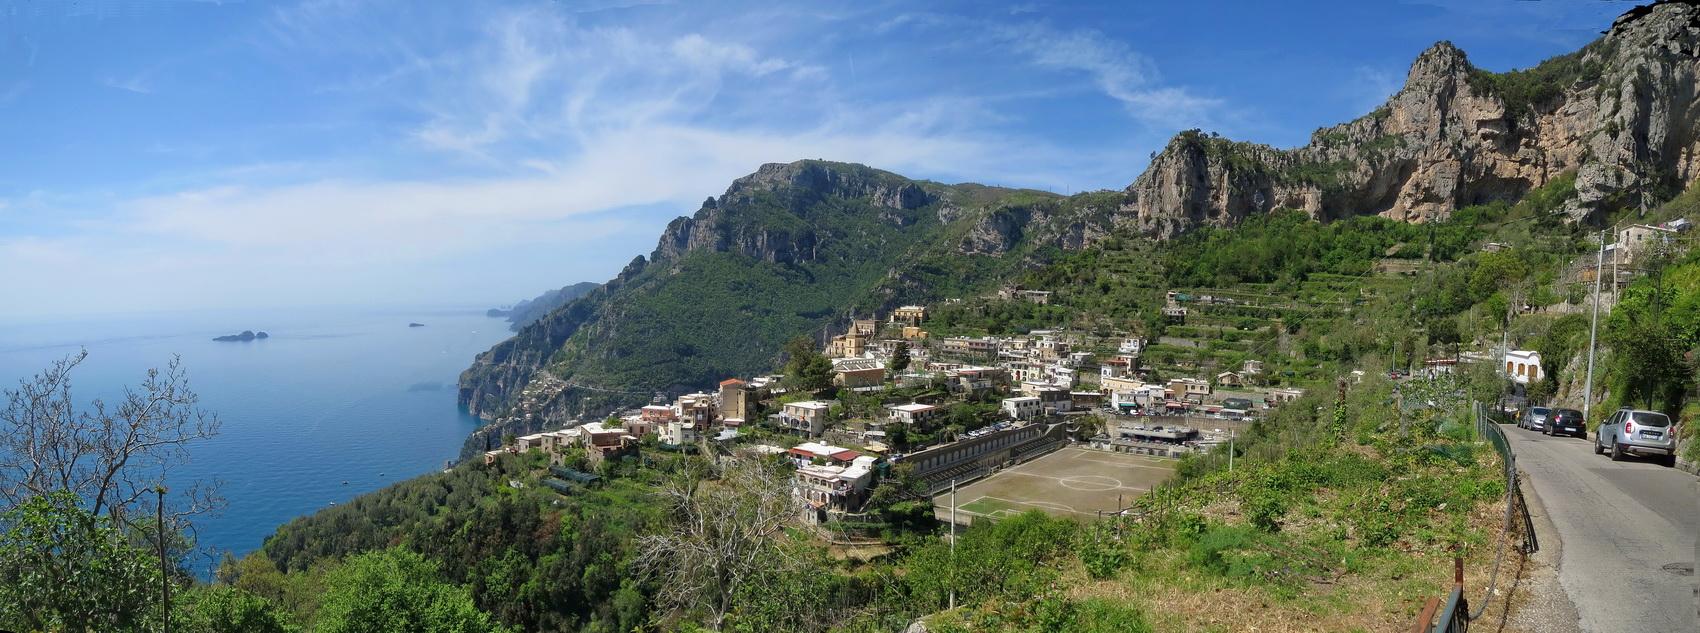 Недвижимость Лигурия Италия - консультант по недвижимости